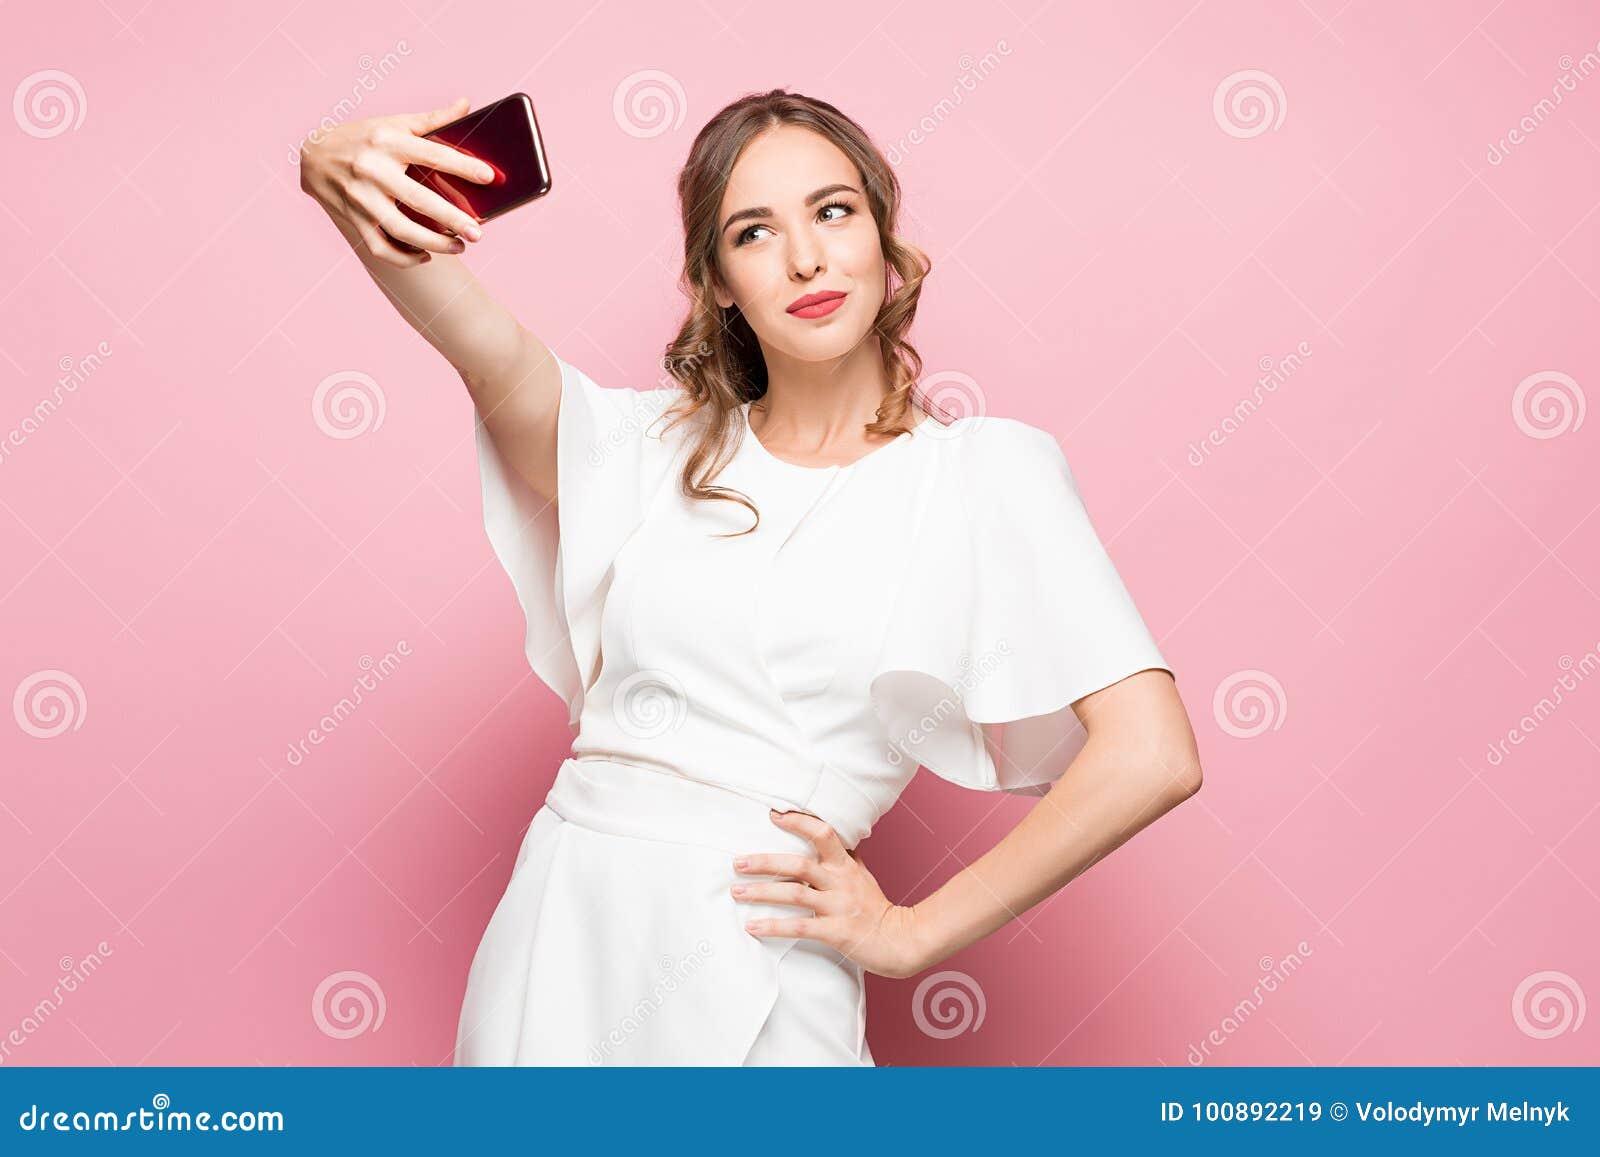 Porträt einer jungen attraktiven Frau, die selfie Foto mit Smartphone auf einem rosa Hintergrund macht